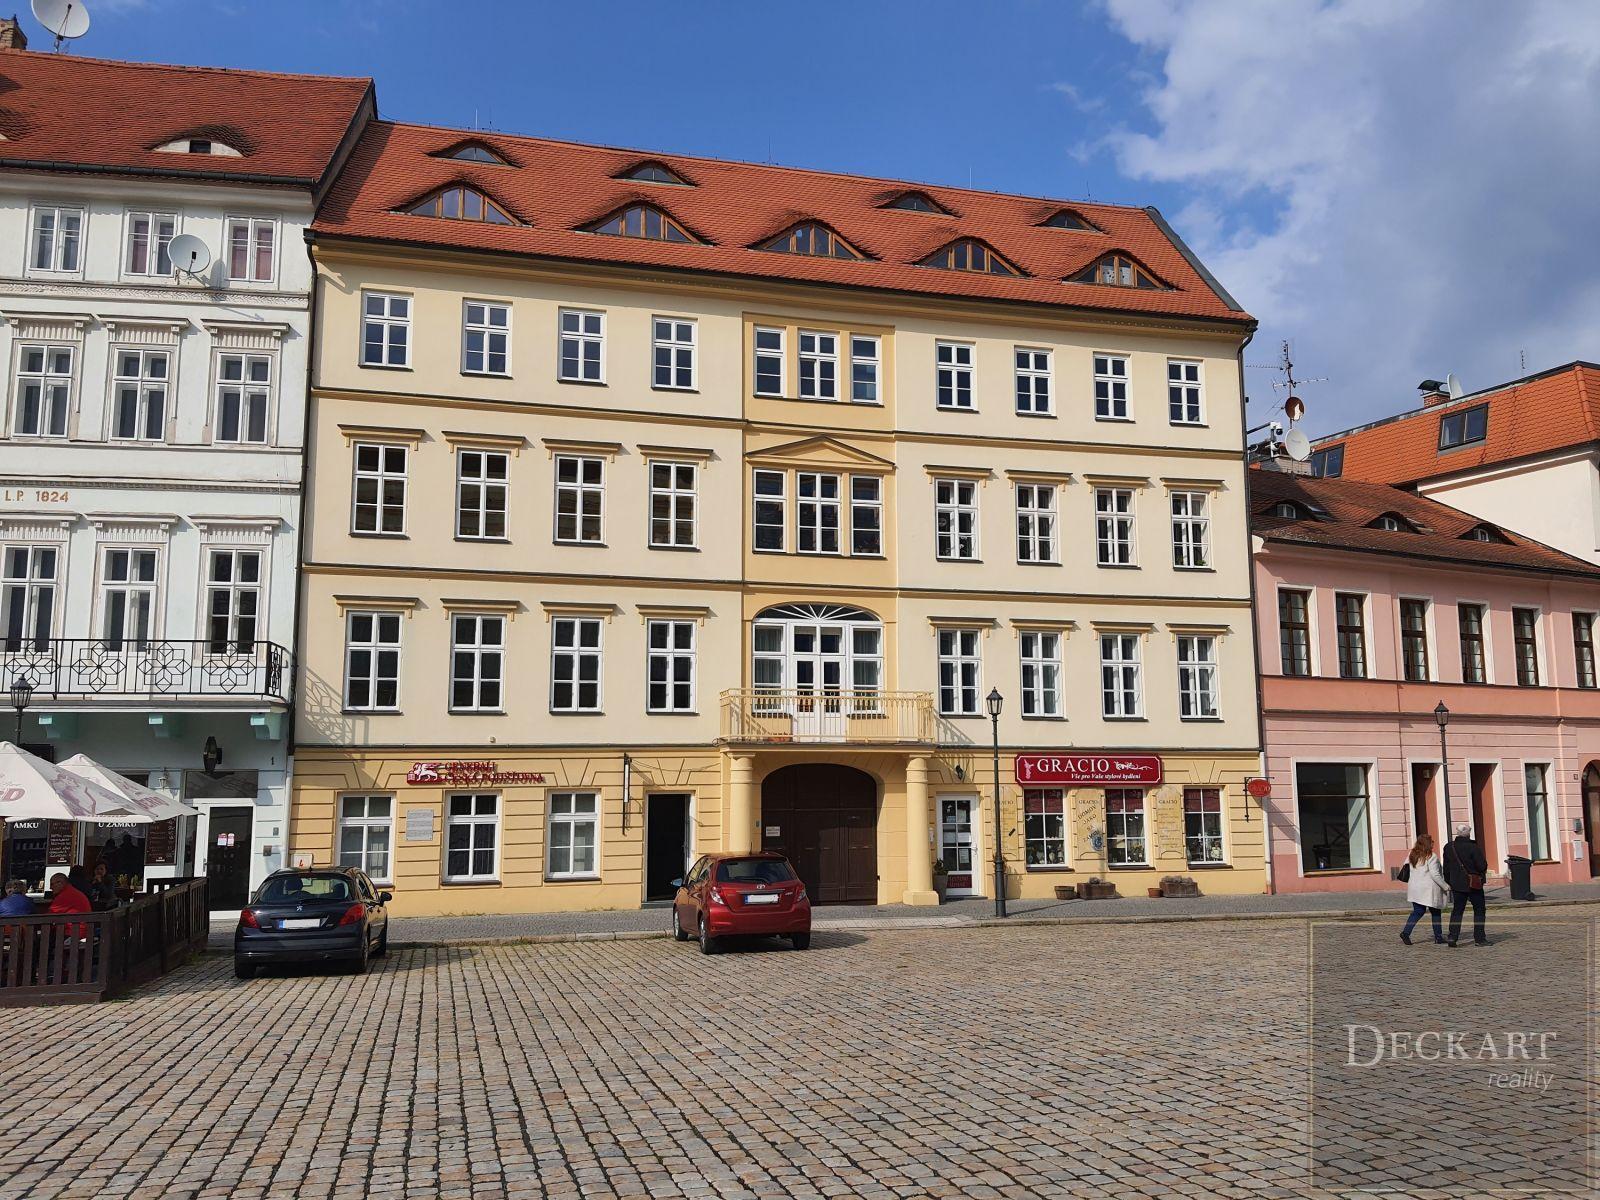 Pronájem nebytových prostor, 110 m2, Teplice - Zámecké náměstí